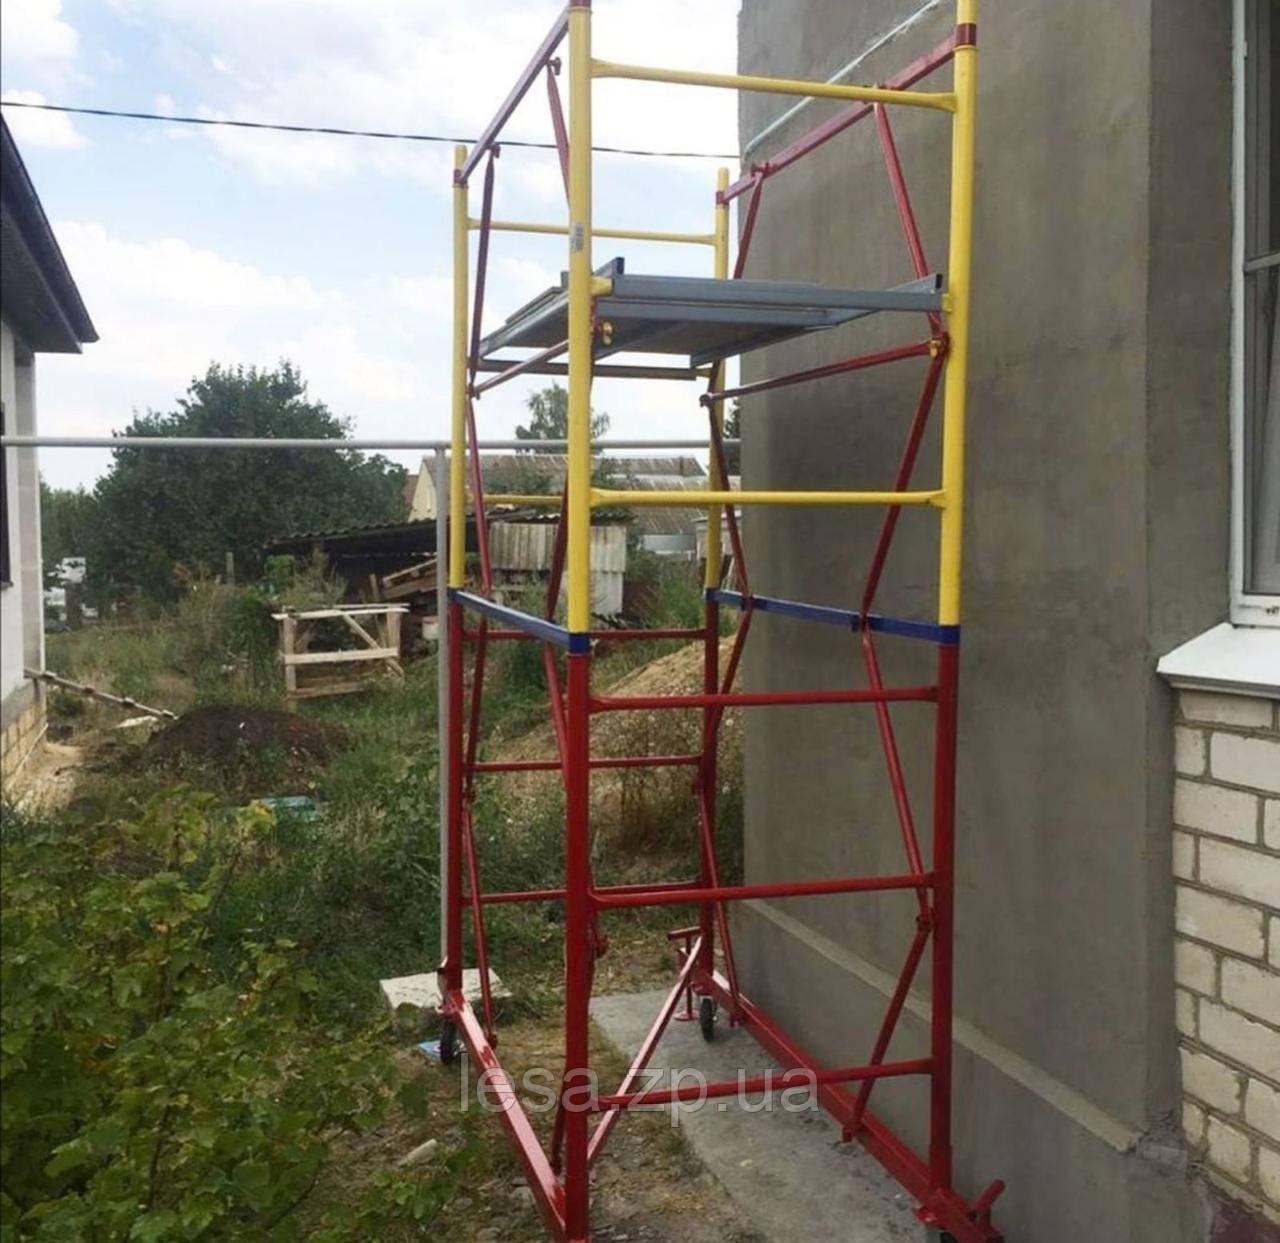 Бетон тура купить бетон котельнич васенев